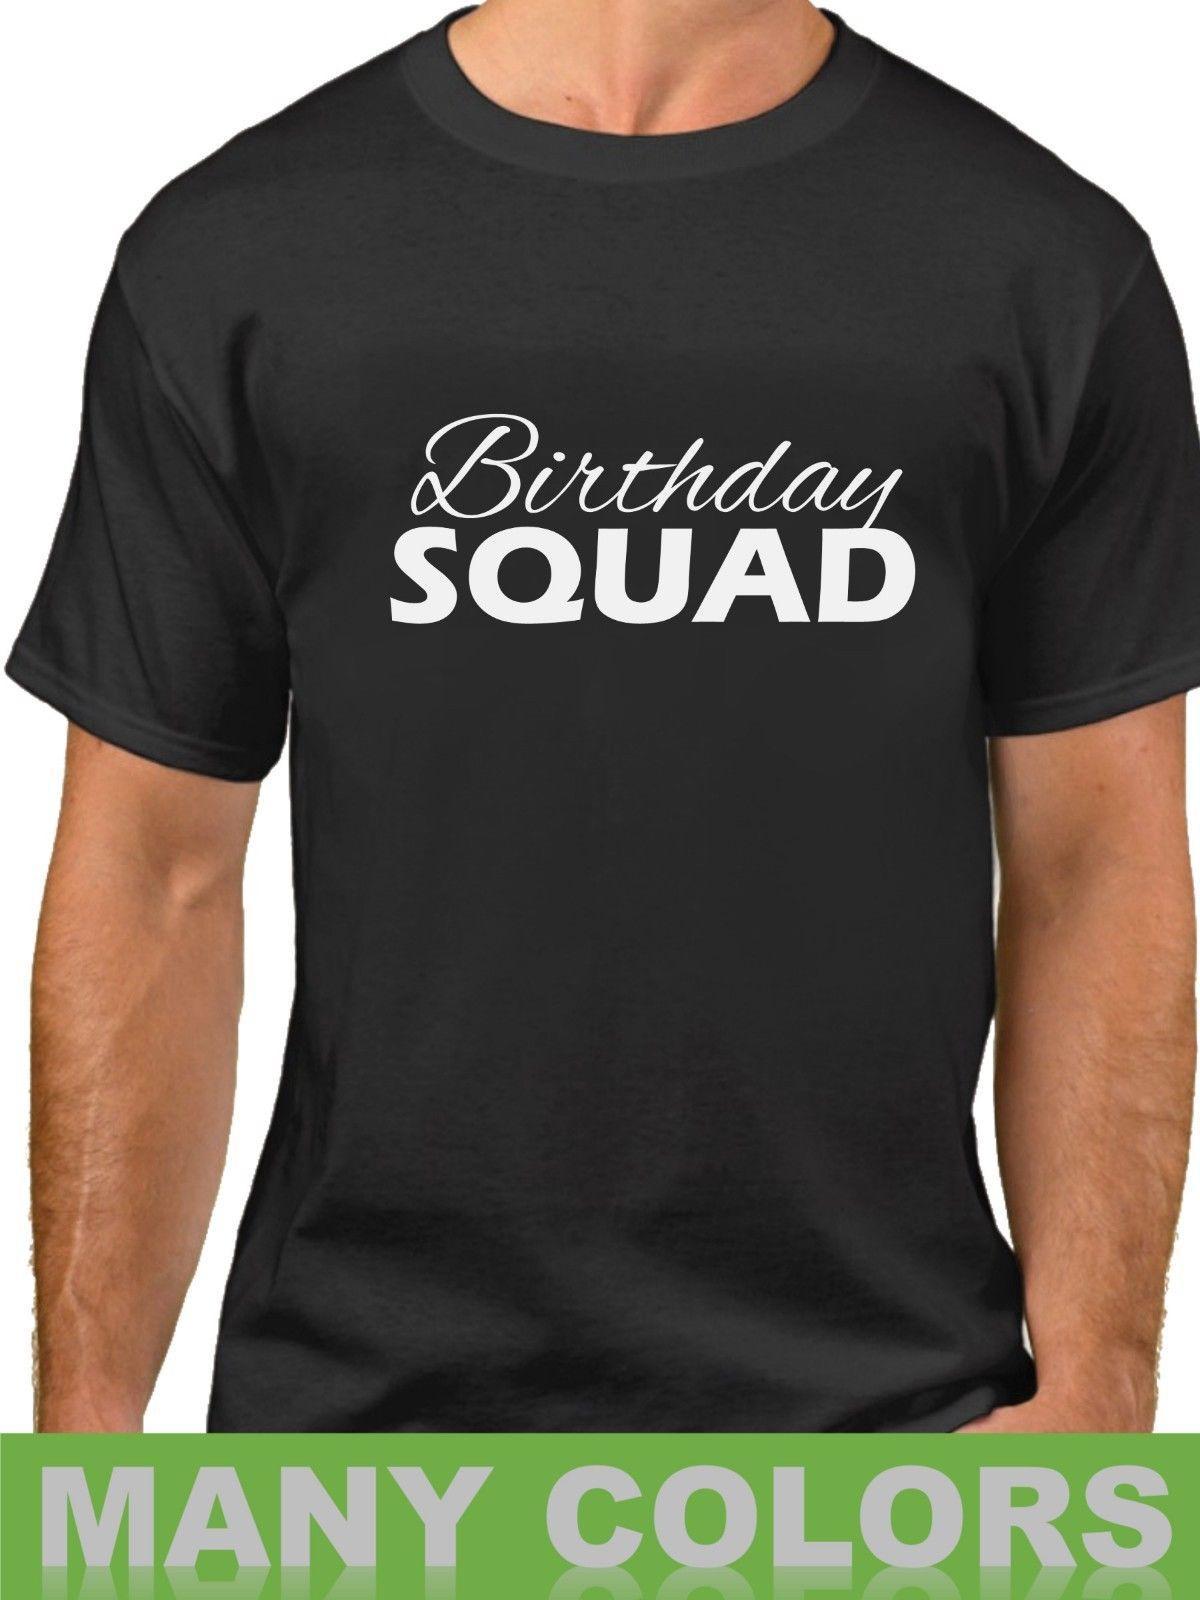 Grosshandel Details Zu Geburtstagstrupp 2 Hemd Bday T Shirt Geschenk Fur Ihn Das Der Lustigen Party Manner Lustiges Freies Verschiffen Unisext